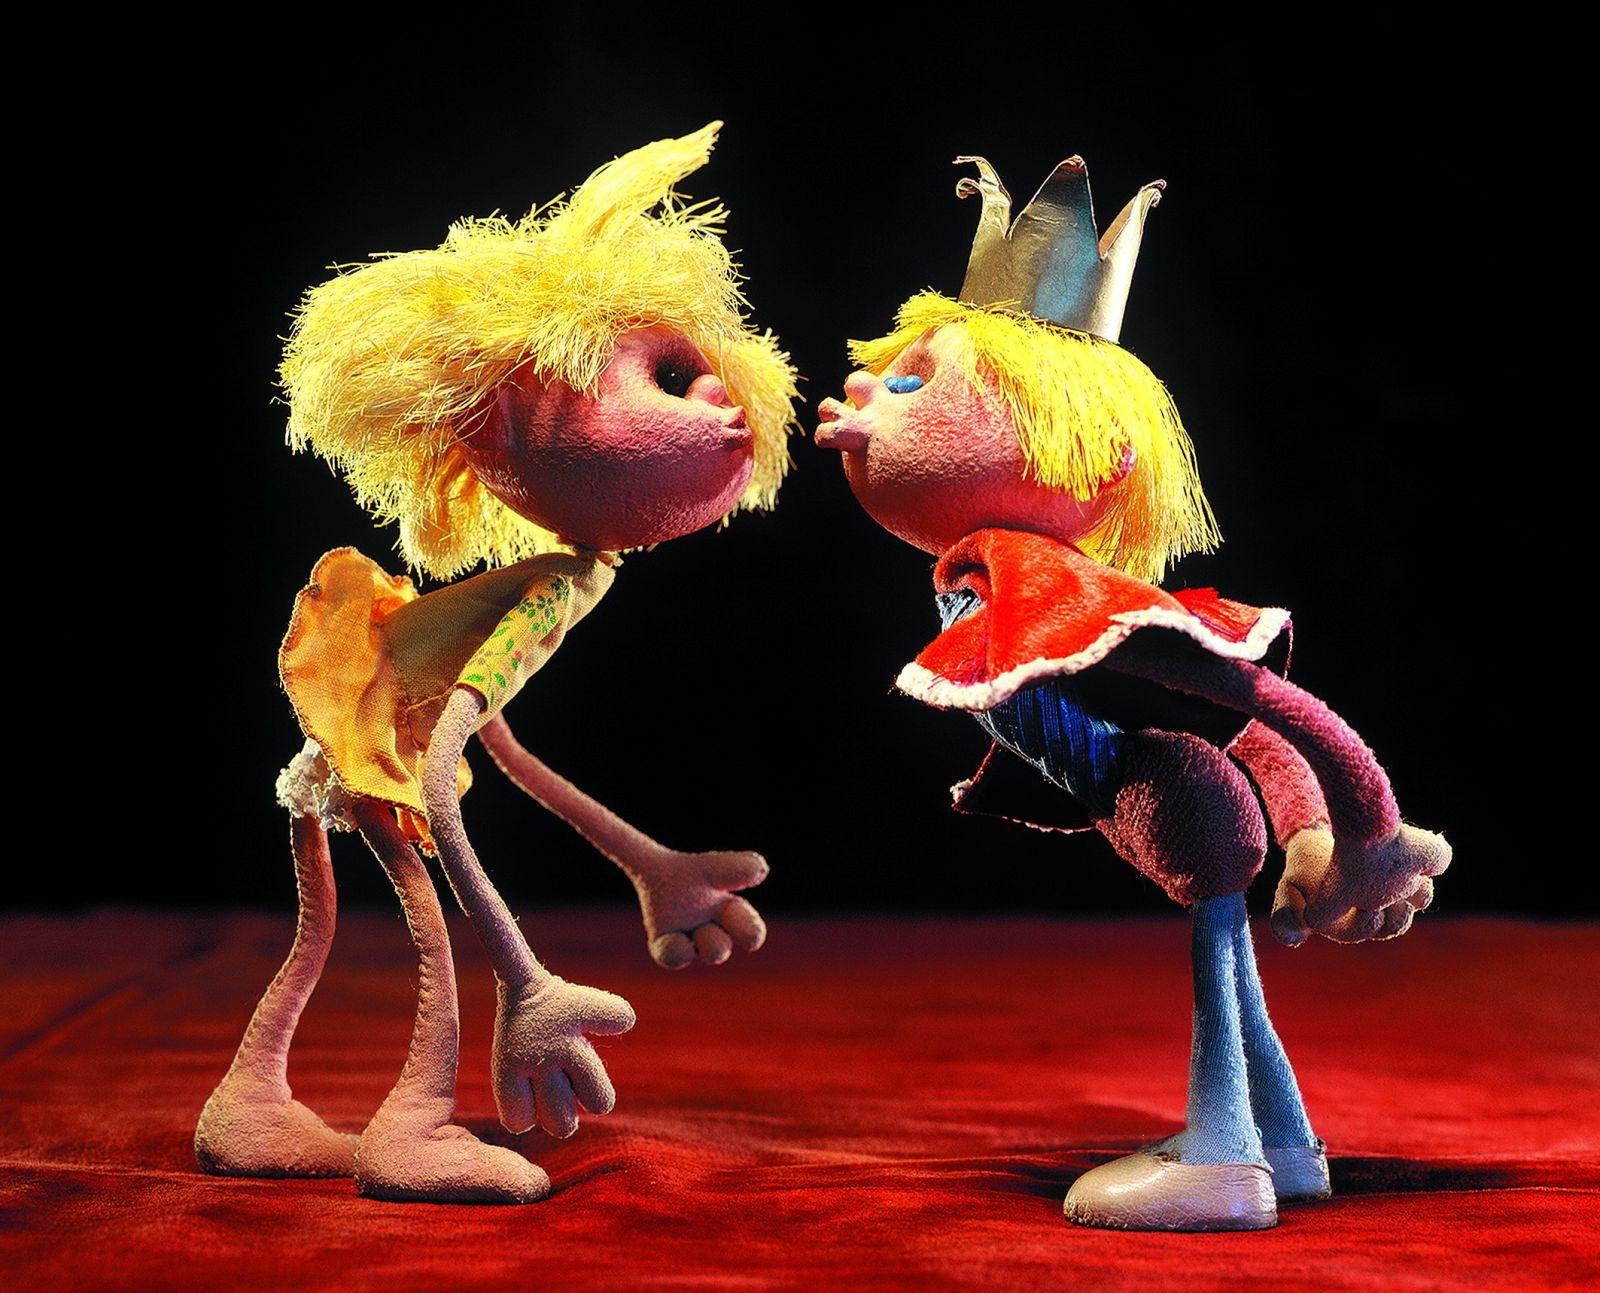 Zwei Puppen aus dem Trickfilm Das Birnenmädchen geben sich einen Kuss